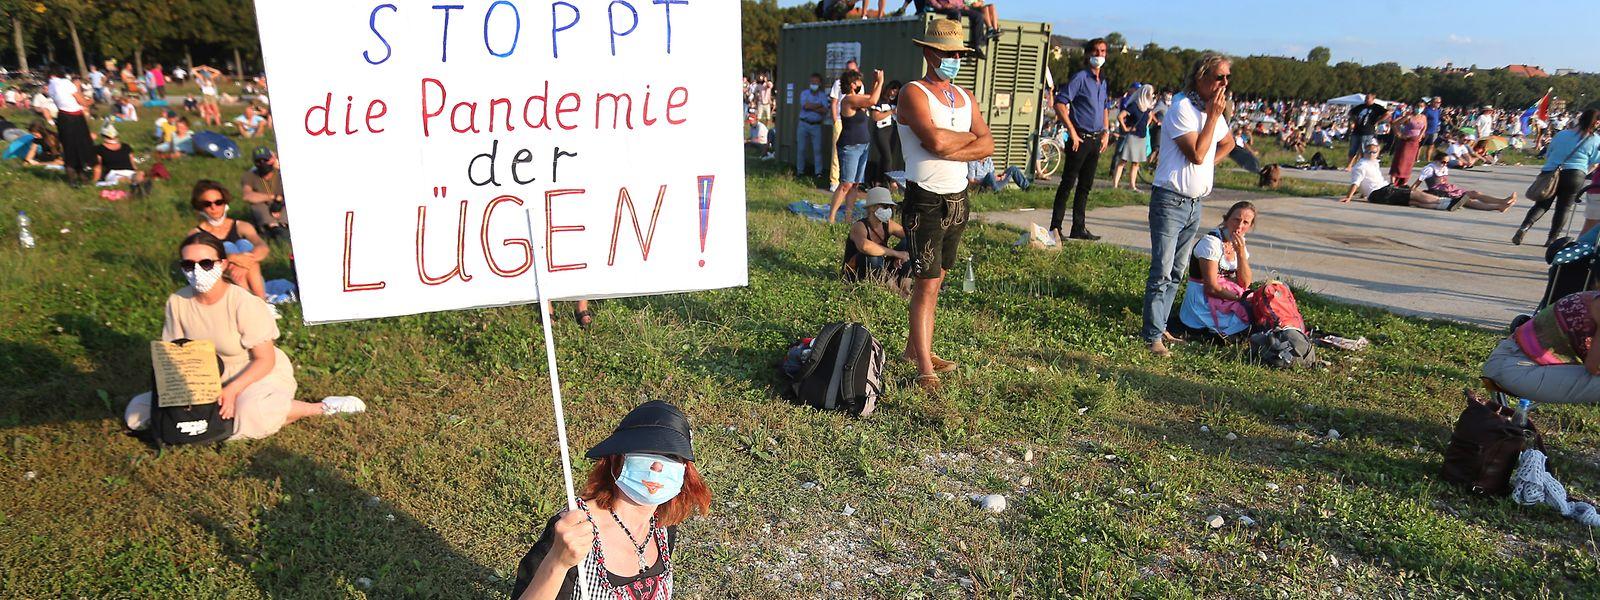 """Eine Frau demonstriert am Samstag auf der Theresienwiese in München mit einem Plakat mit der Aufschrift """"Stoppt die Pandemie der Lügen"""" gegen die Corona-Maßnahmen."""